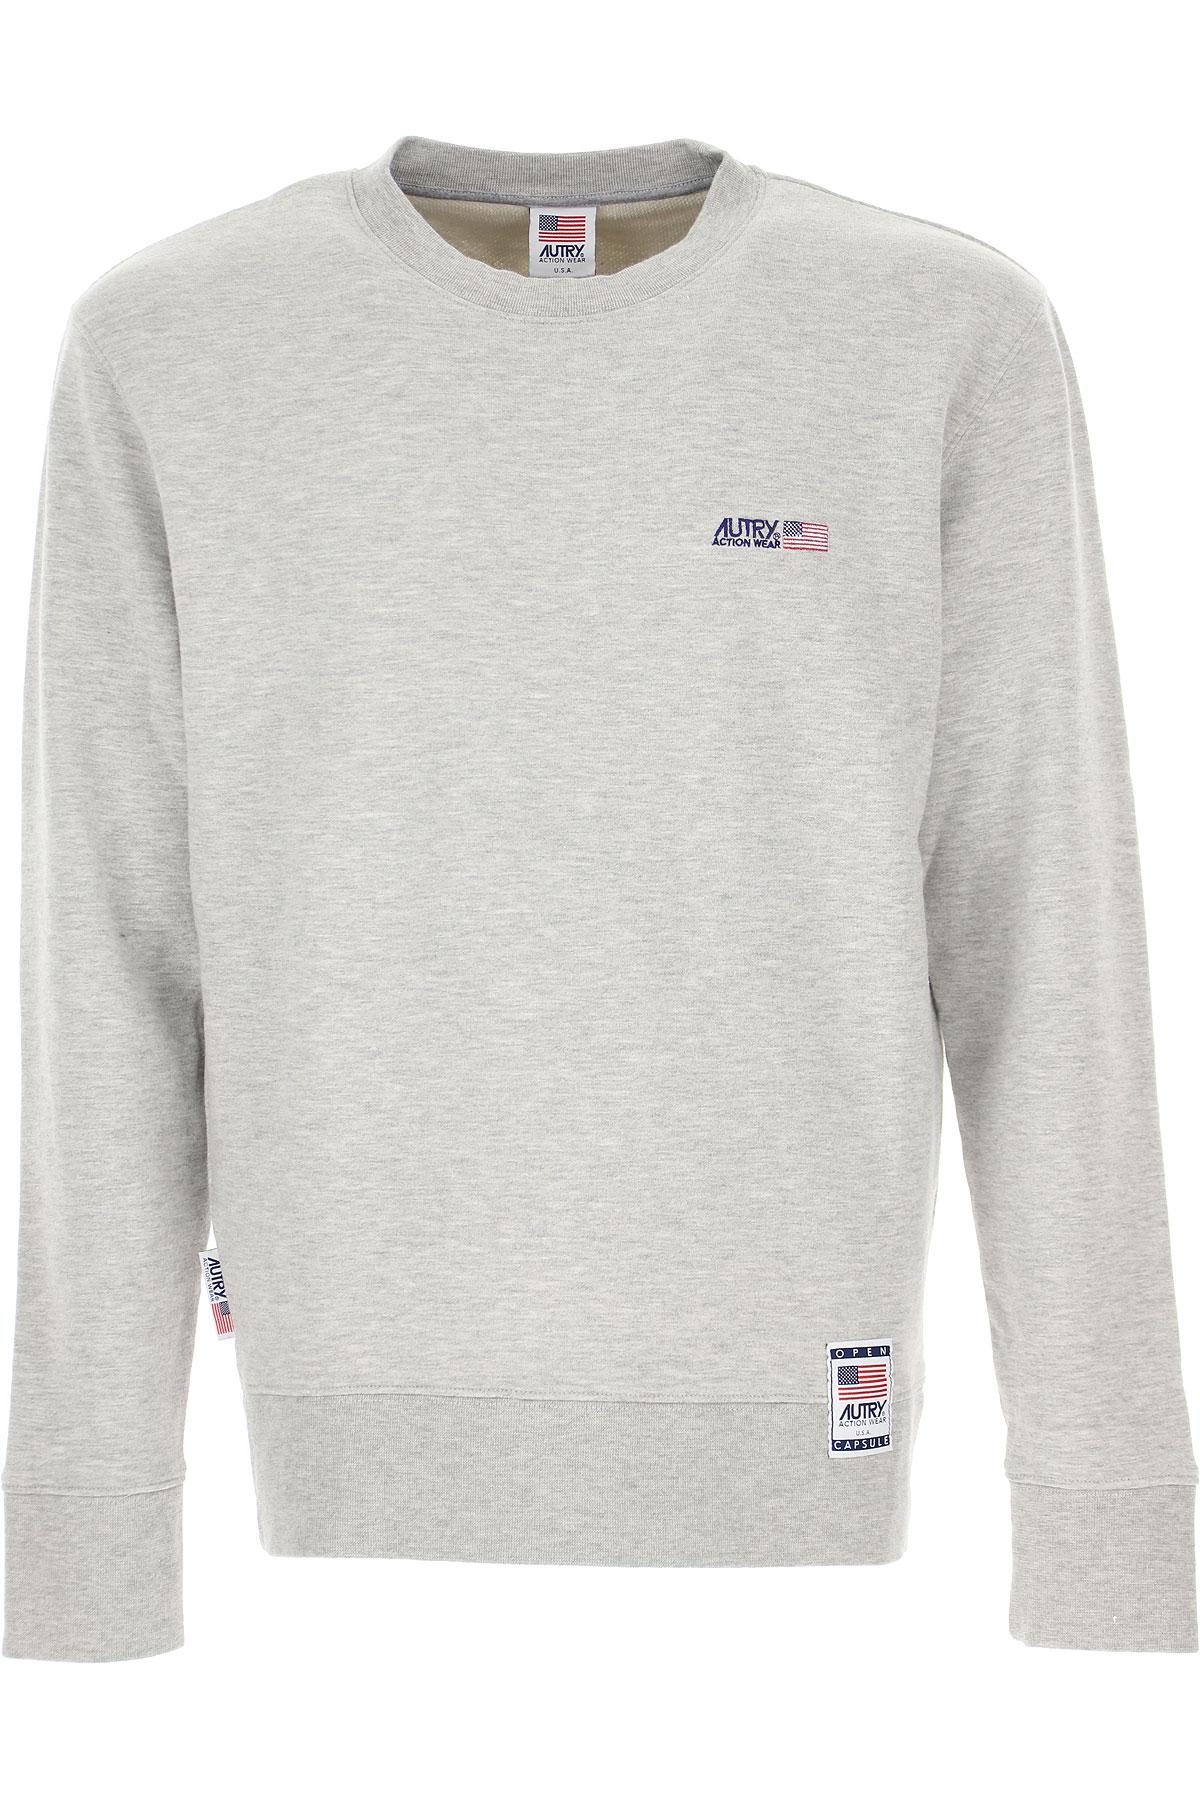 Autry Sweatshirt for Men, Grey, Cotton, 2019, L XL